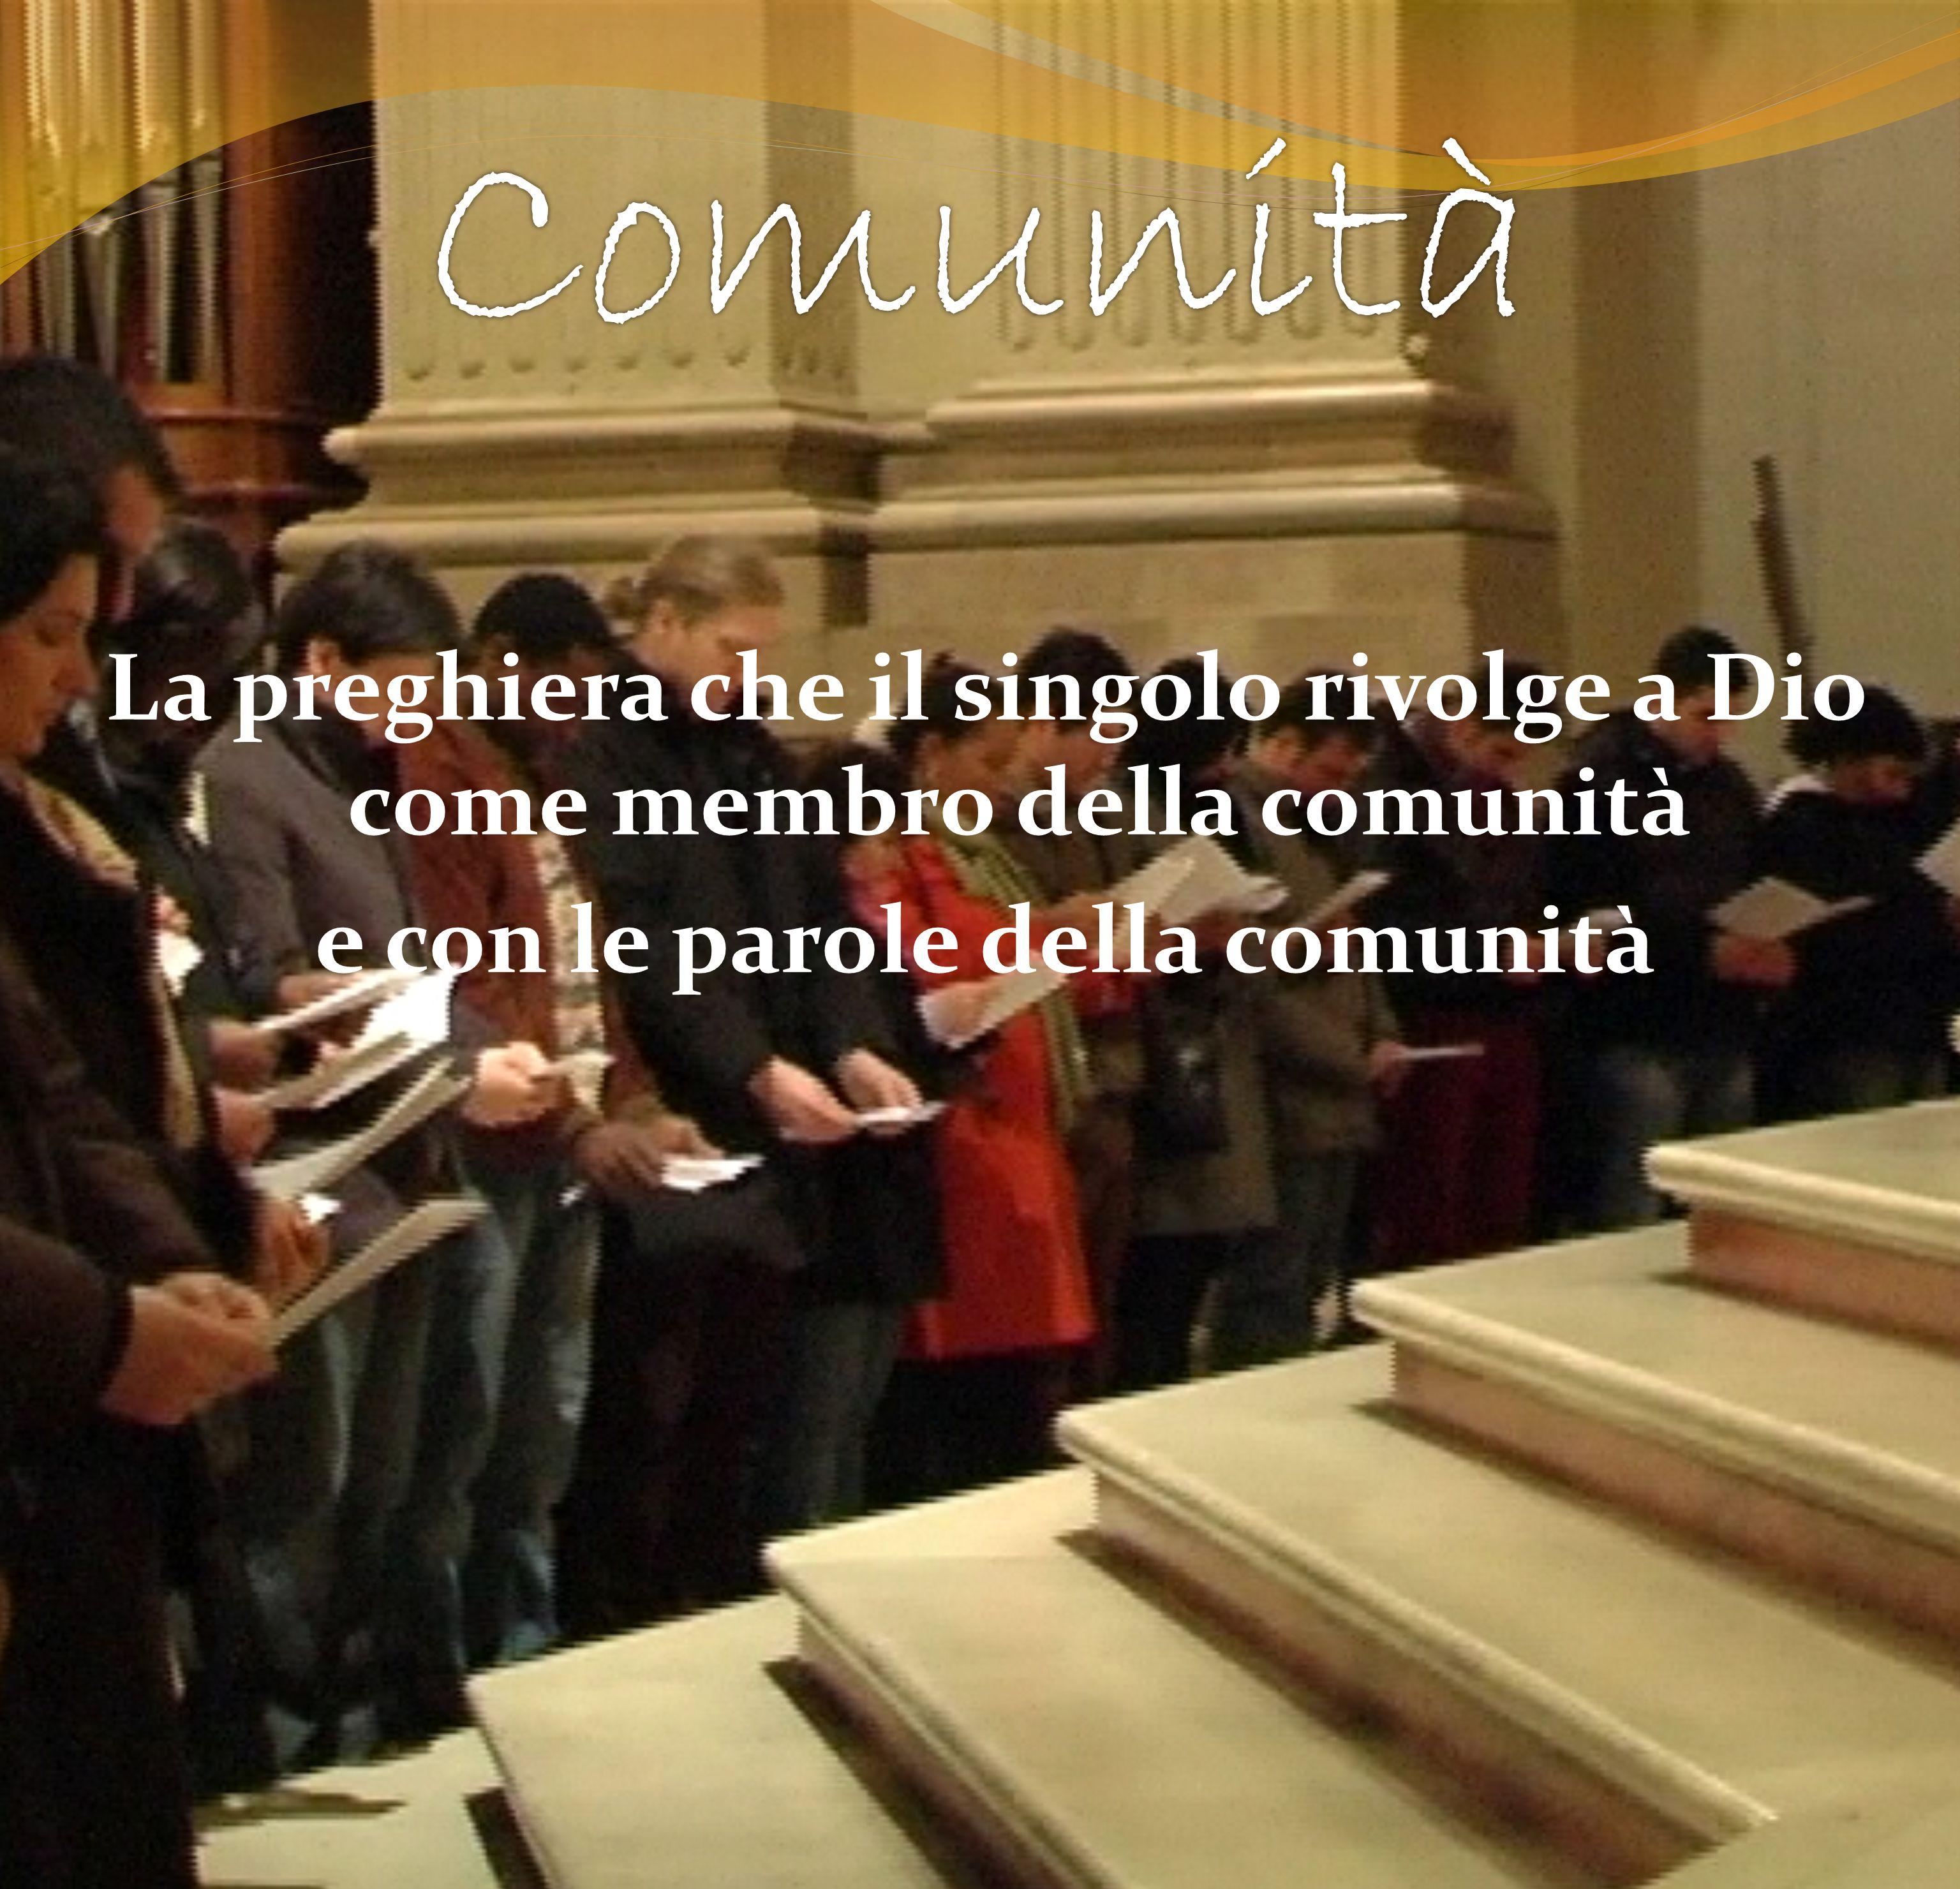 Comunità La preghiera che il singolo rivolge a Dio come membro della comunità e con le parole della comunità